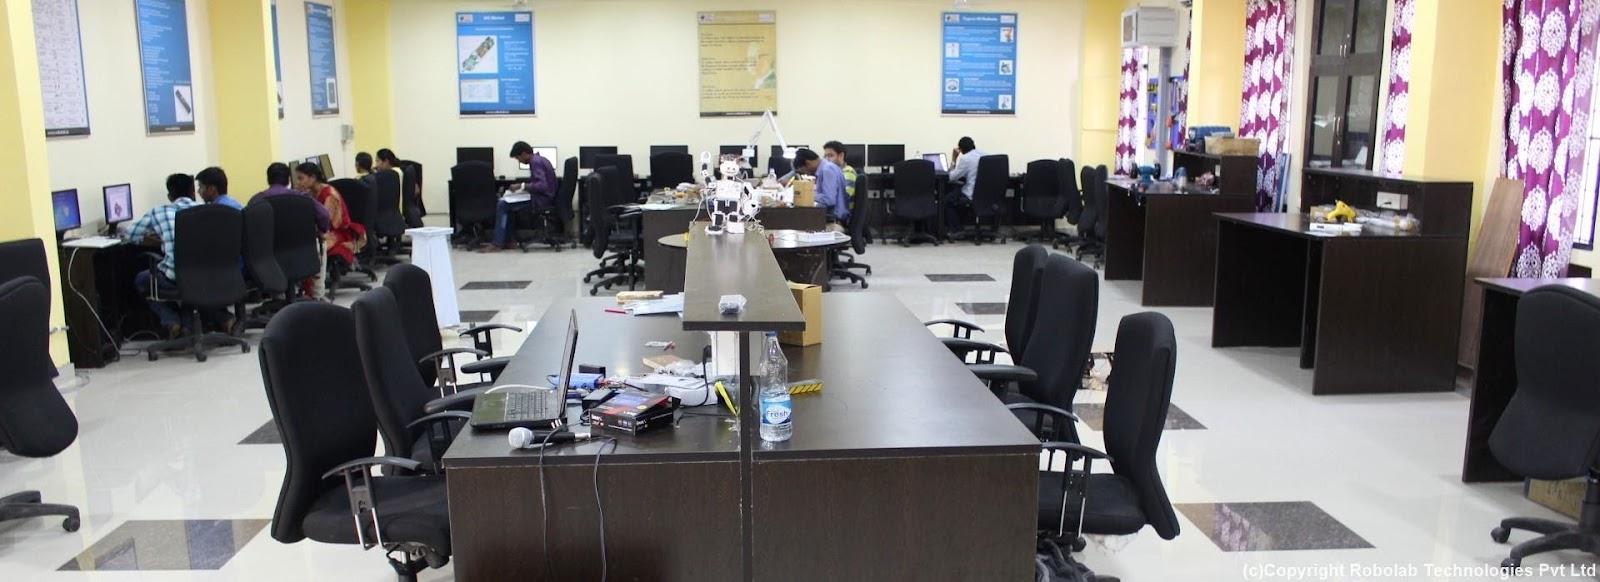 Marri Laxman Reddy Institute of Technology, Hyderabad Robolab (7).jpg